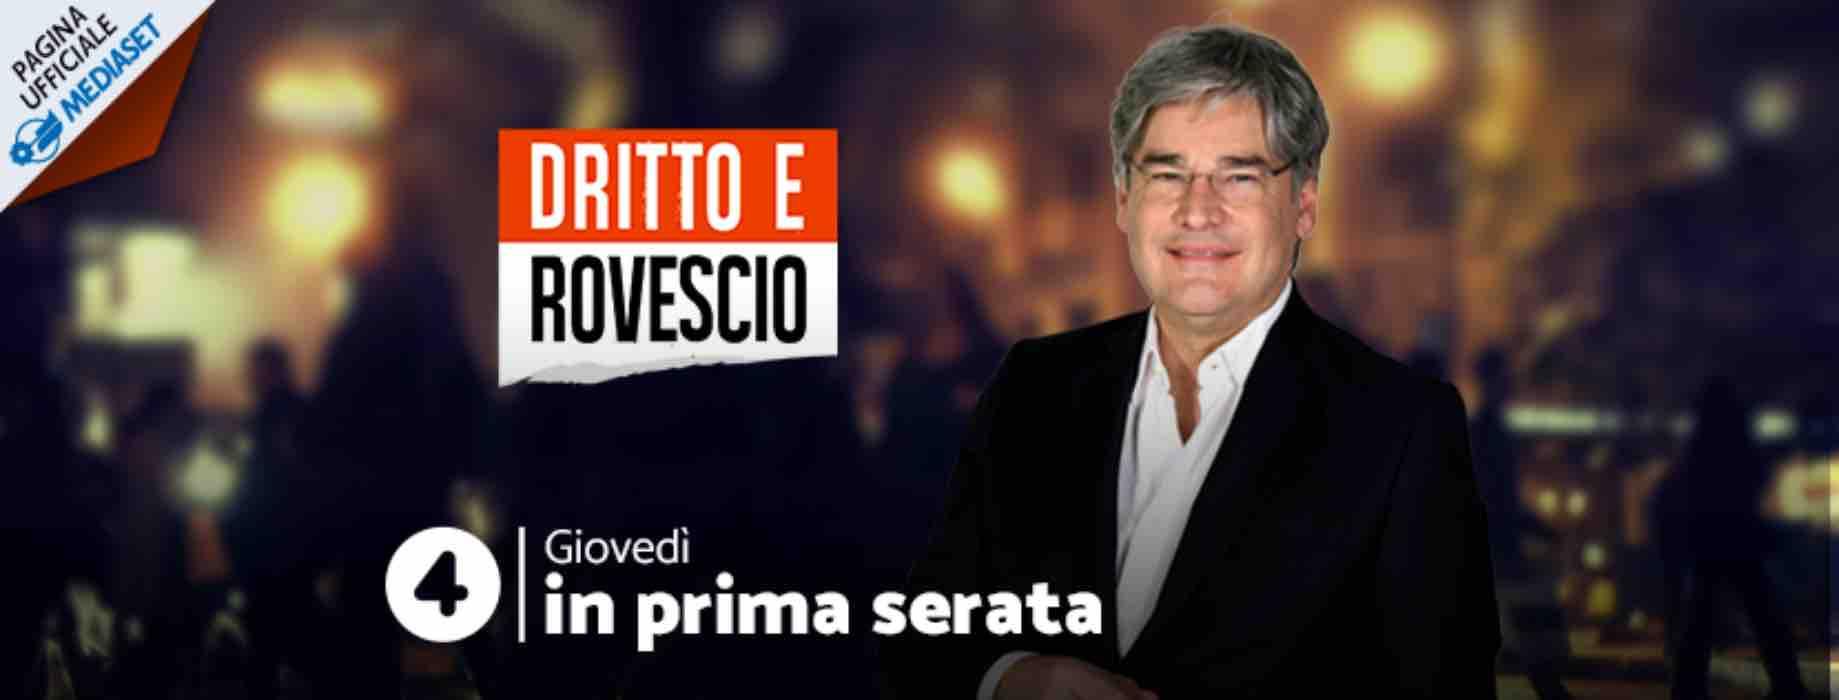 Anticipazioni | Dritto e rovescio | ospite Matteo Salvini | 12settembre